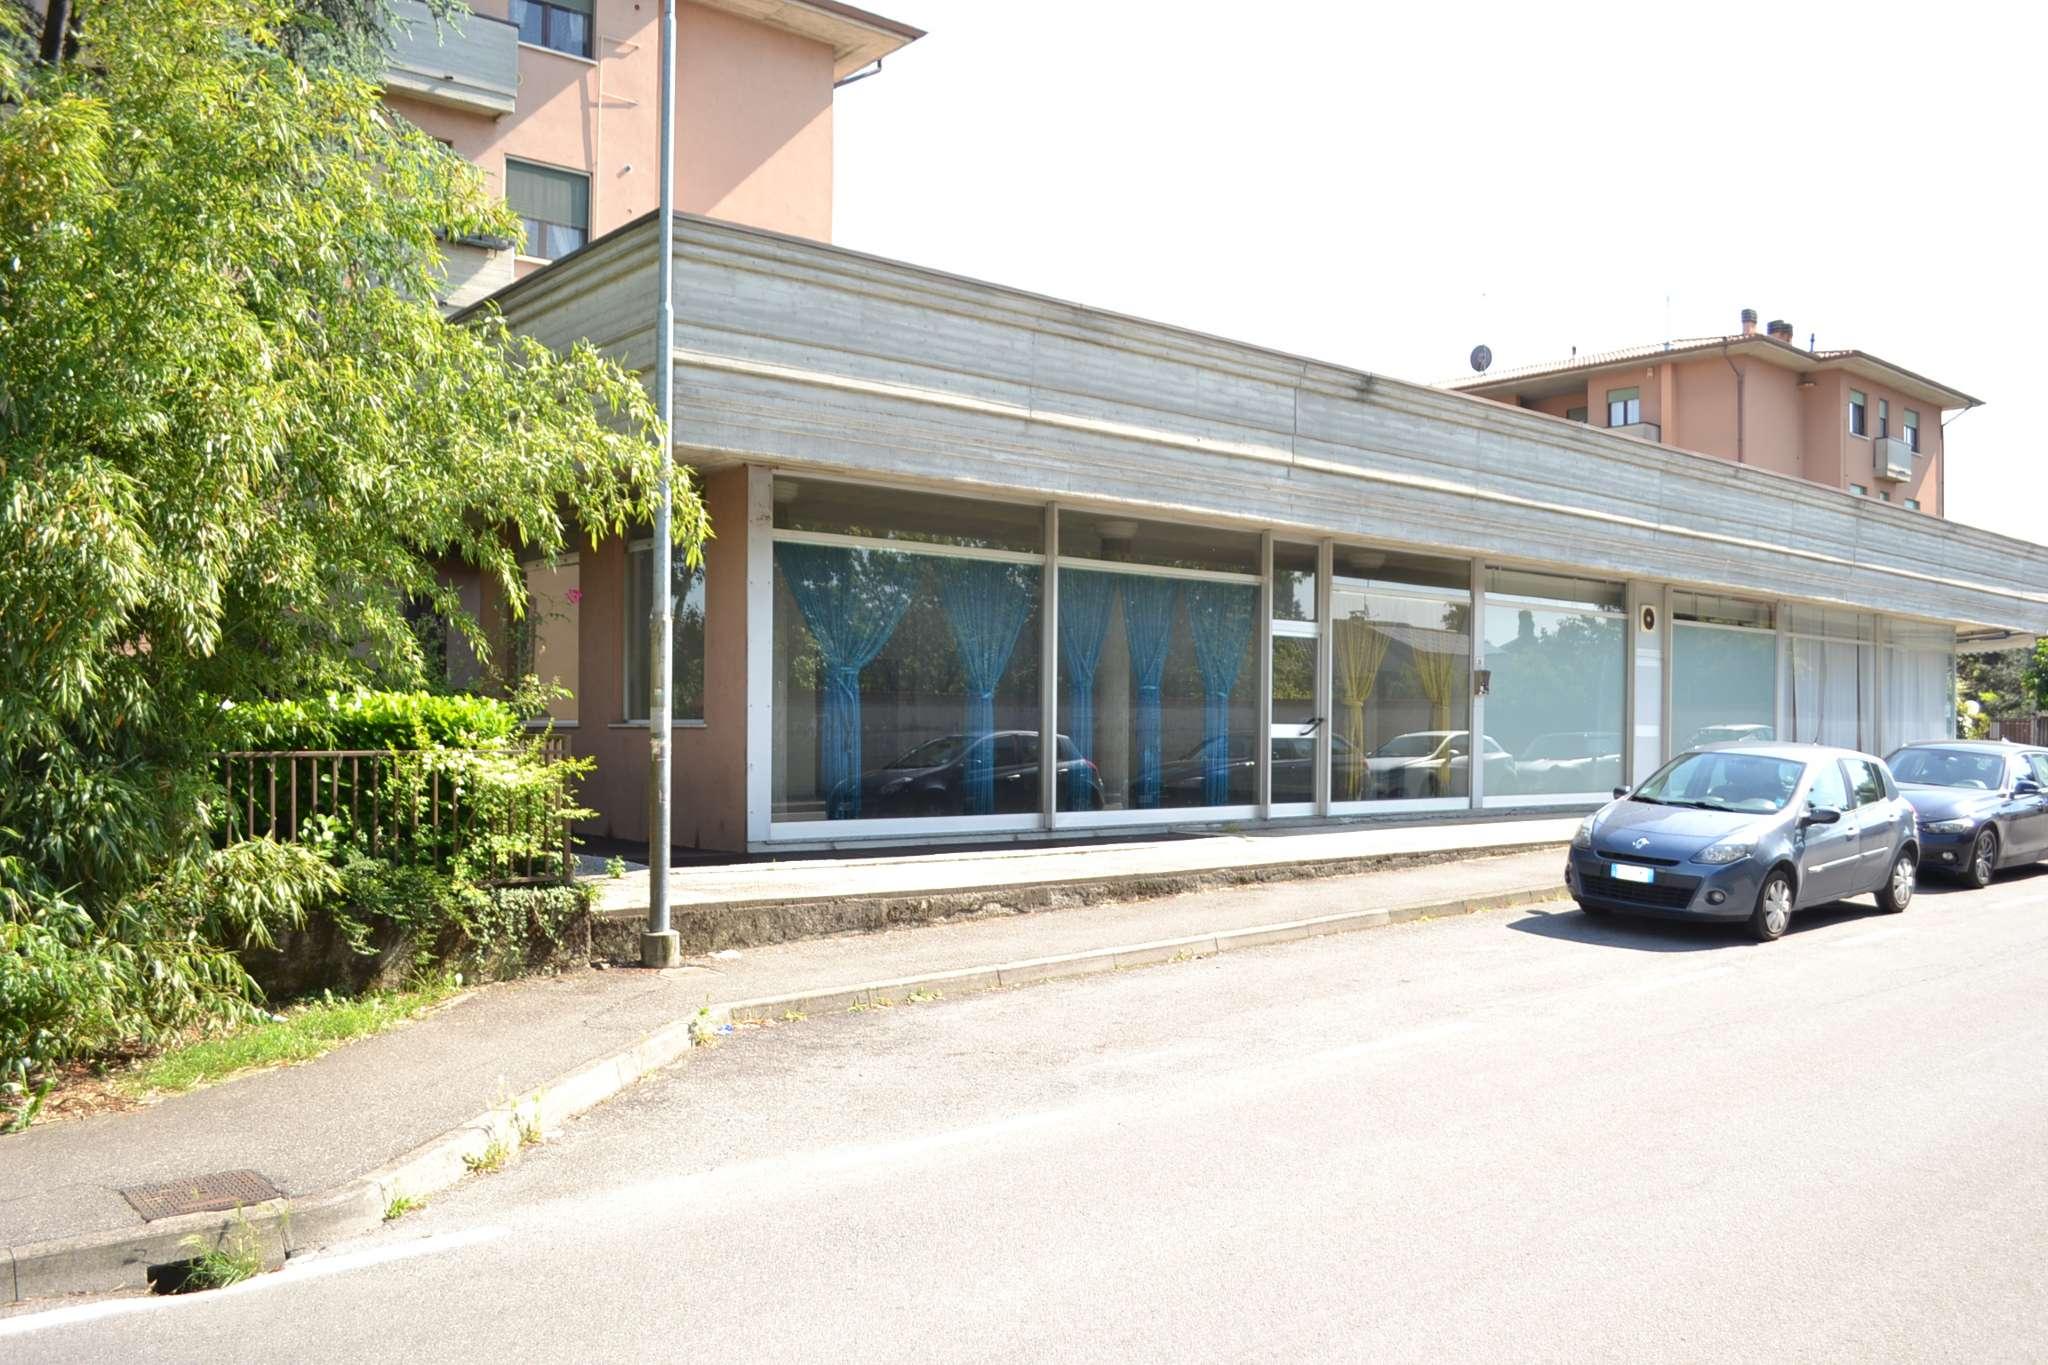 Negozio / Locale in vendita a Cornate d'Adda, 1 locali, prezzo € 85.000 | CambioCasa.it